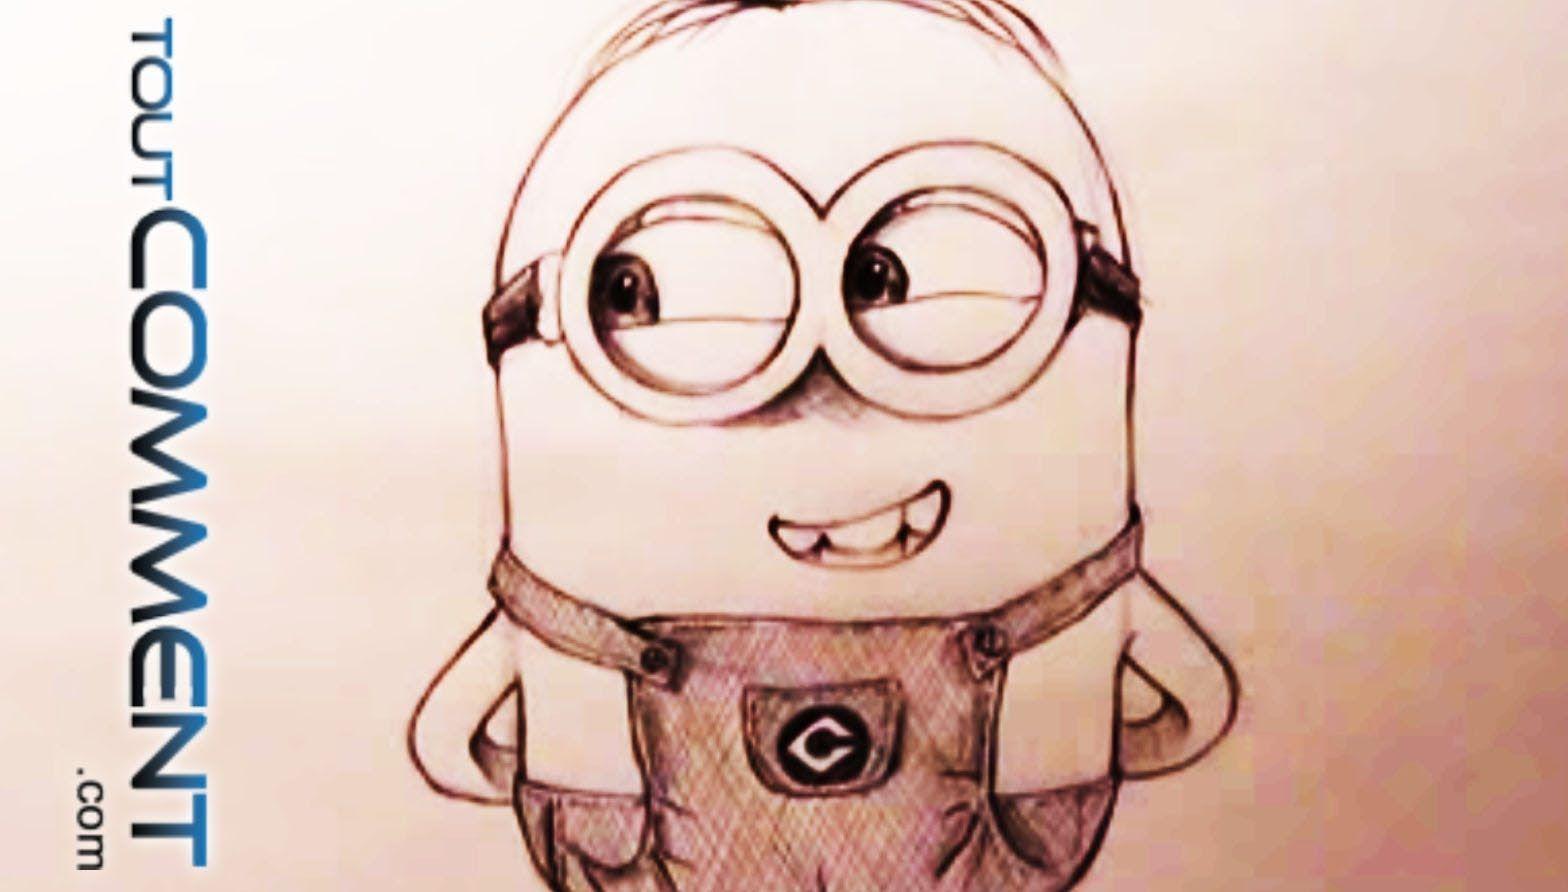 Dessiner un minion de moi moche et m chant dessin pinterest drawings - Dessin de moi moche et mechant ...